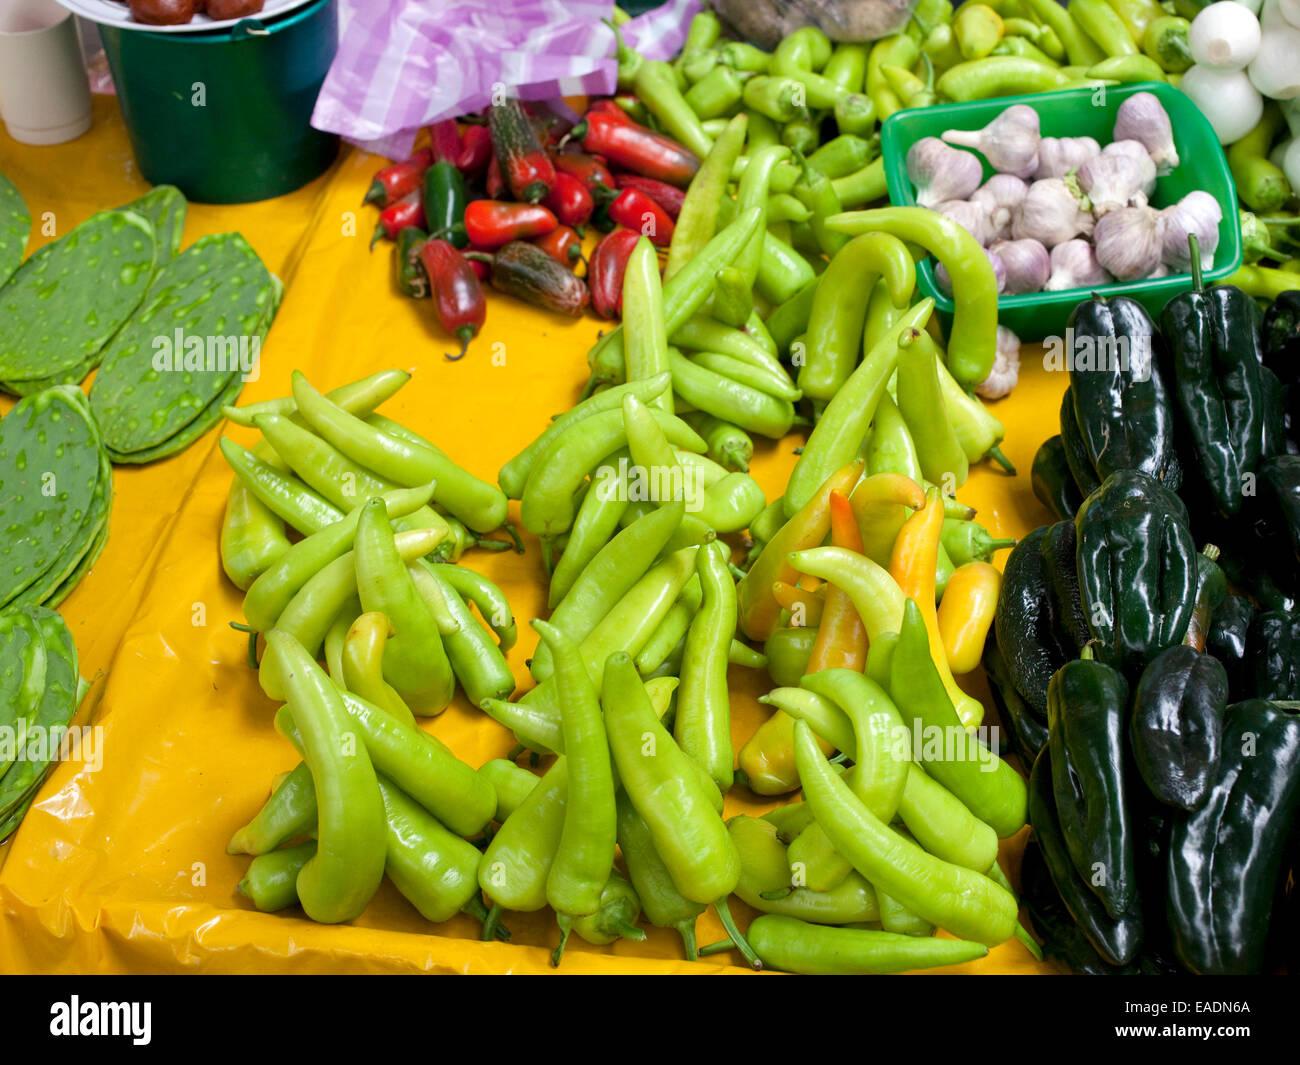 Vivacemente colorato peperoni in luogo di mercato nel villaggio messicano Immagini Stock